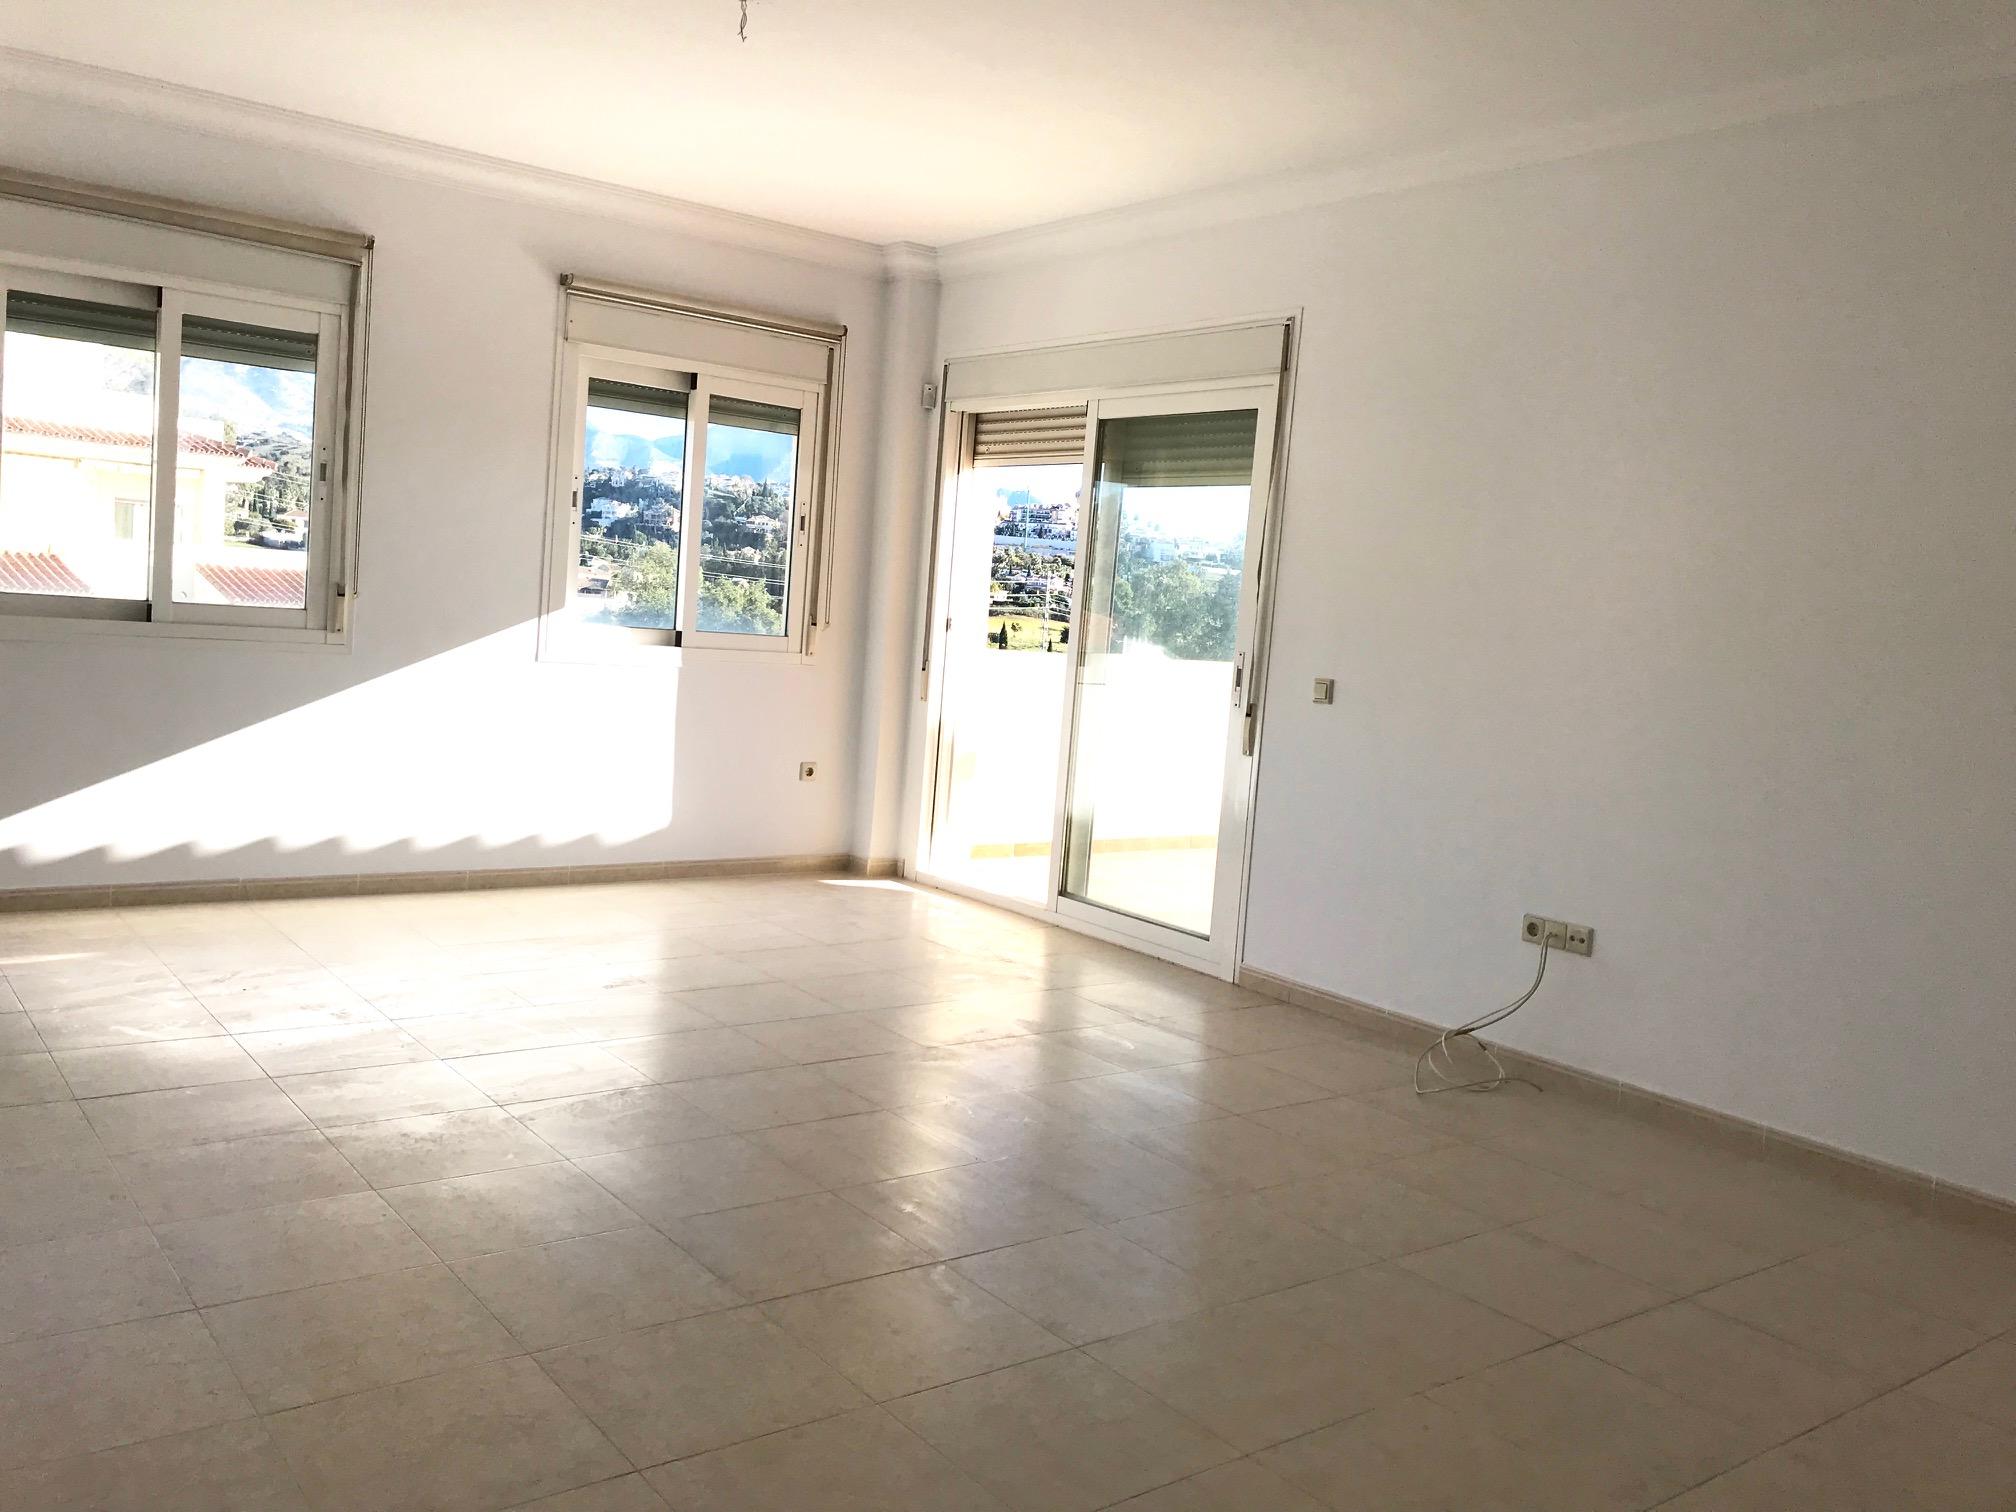 Piso en venta en Mijas, Málaga, Urbanización la Torre, 160.000 €, 2 habitaciones, 2 baños, 100 m2